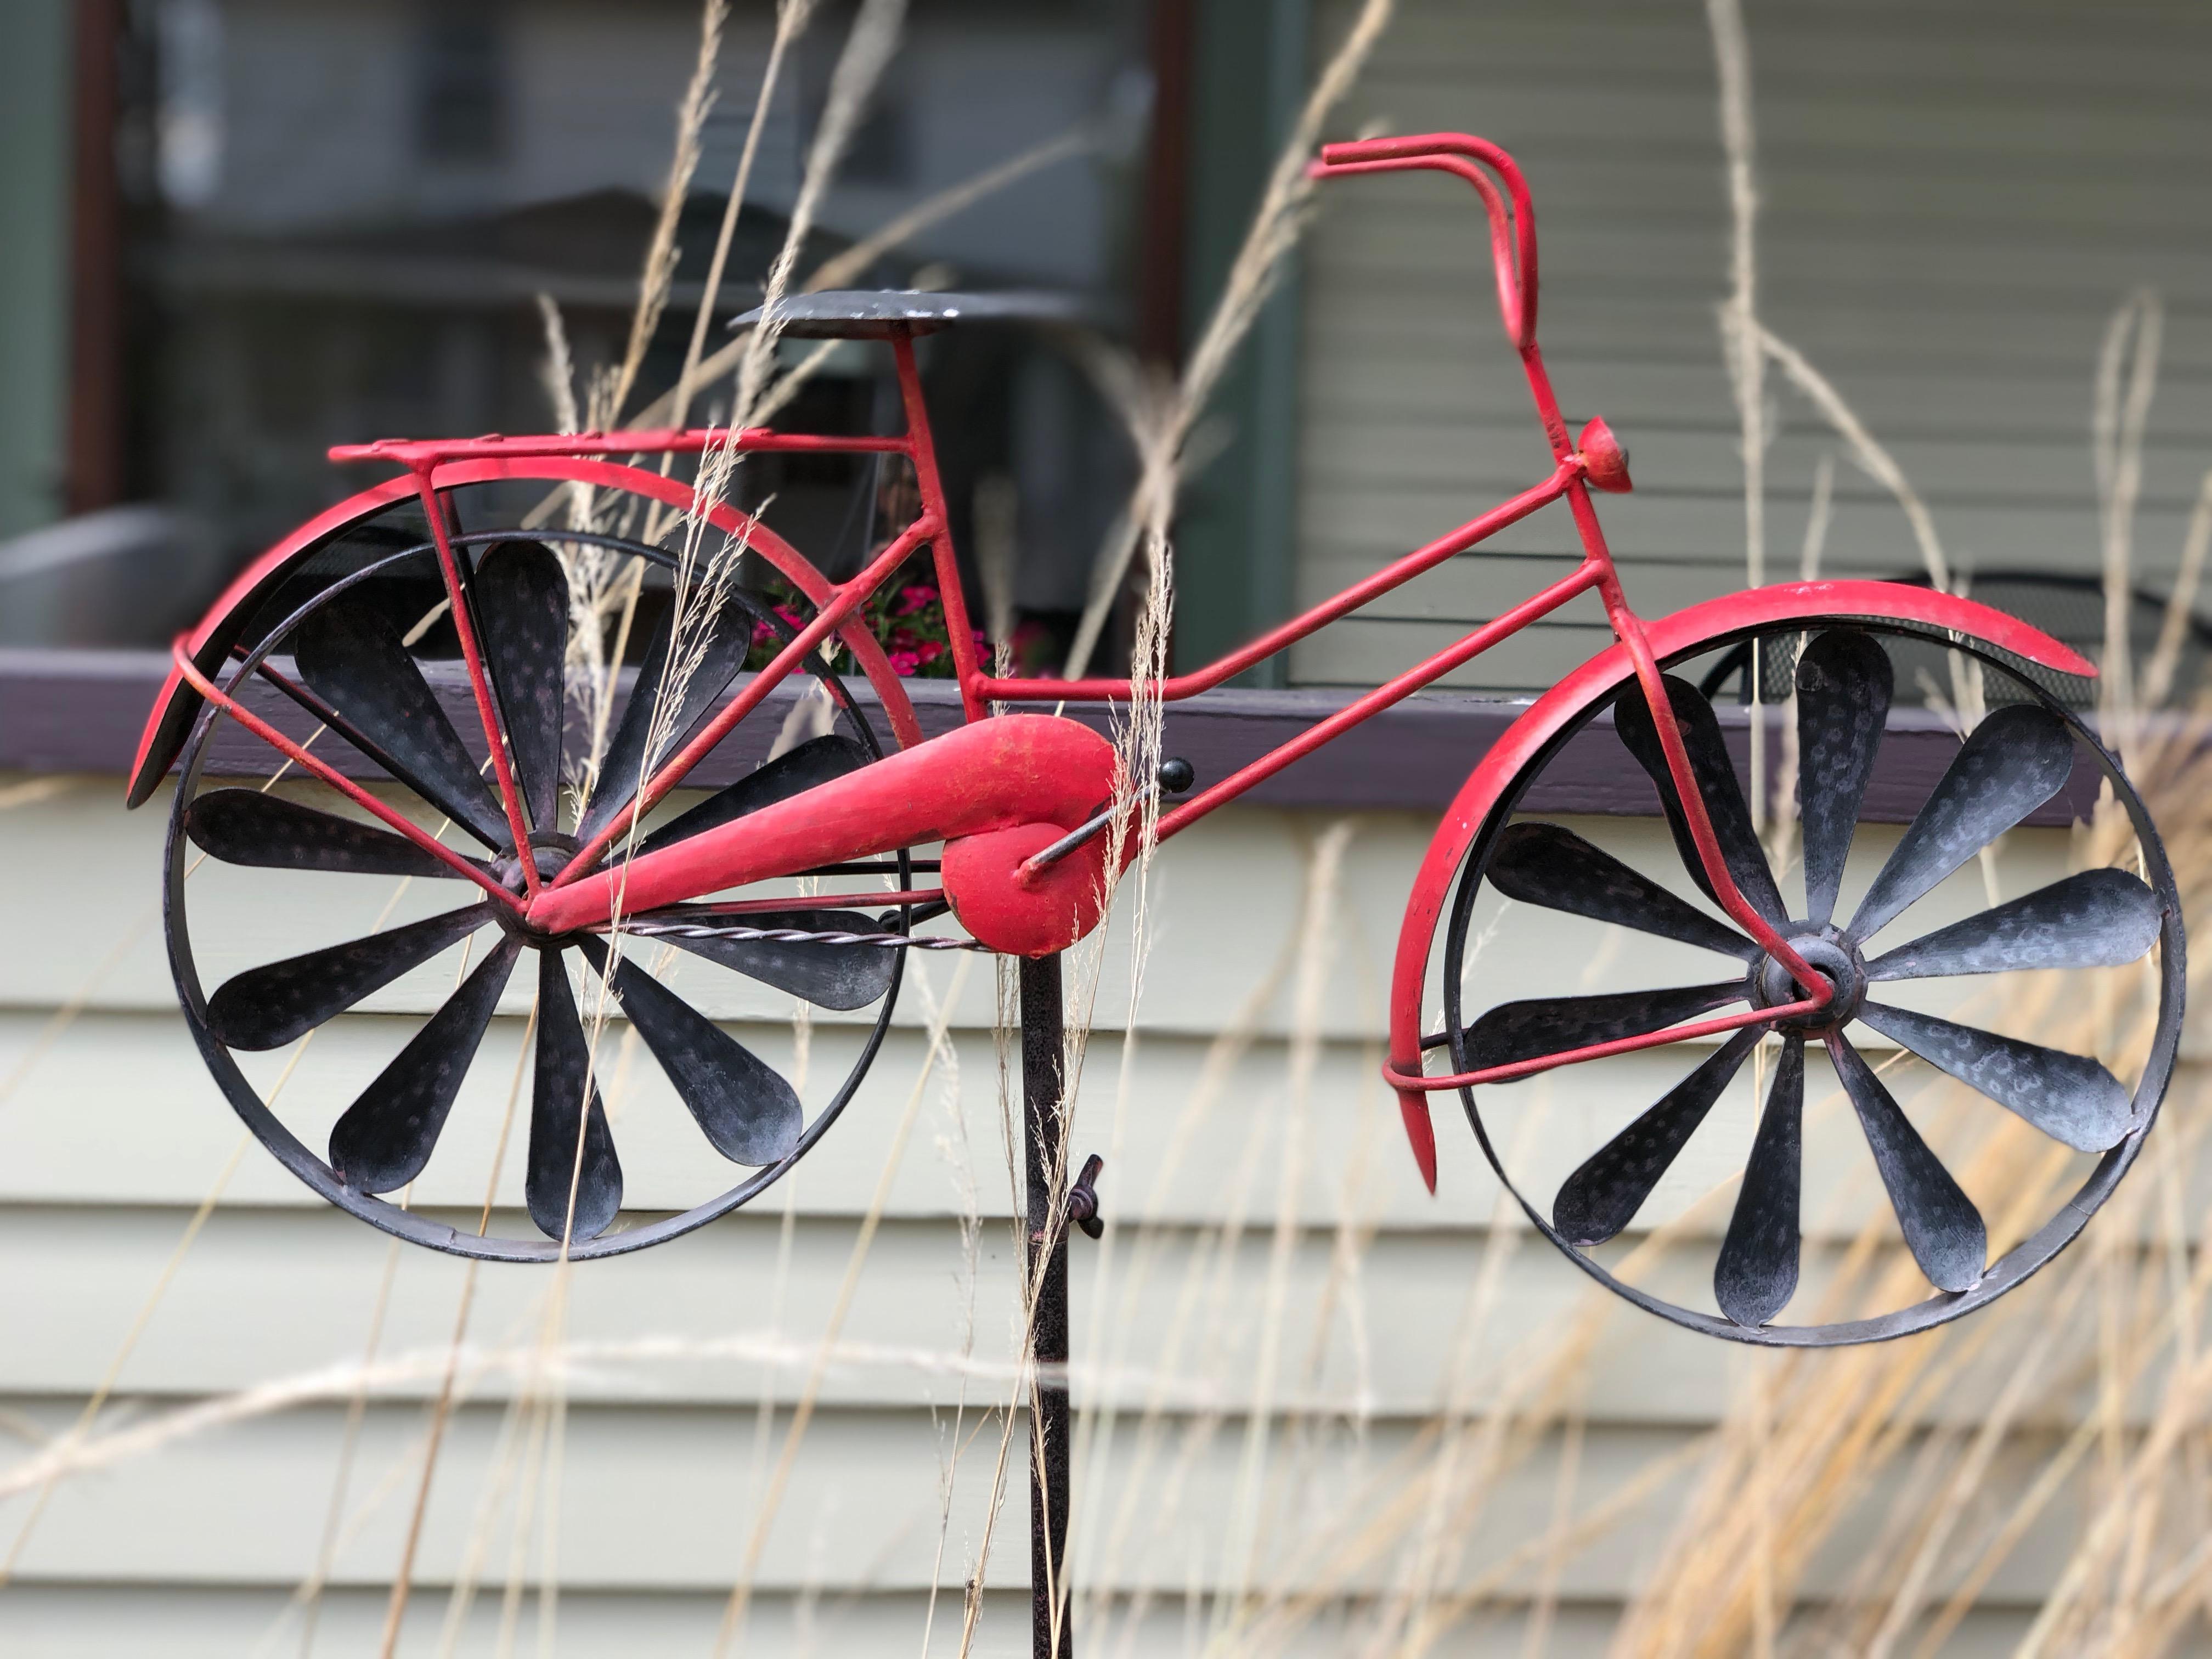 bikesculpture